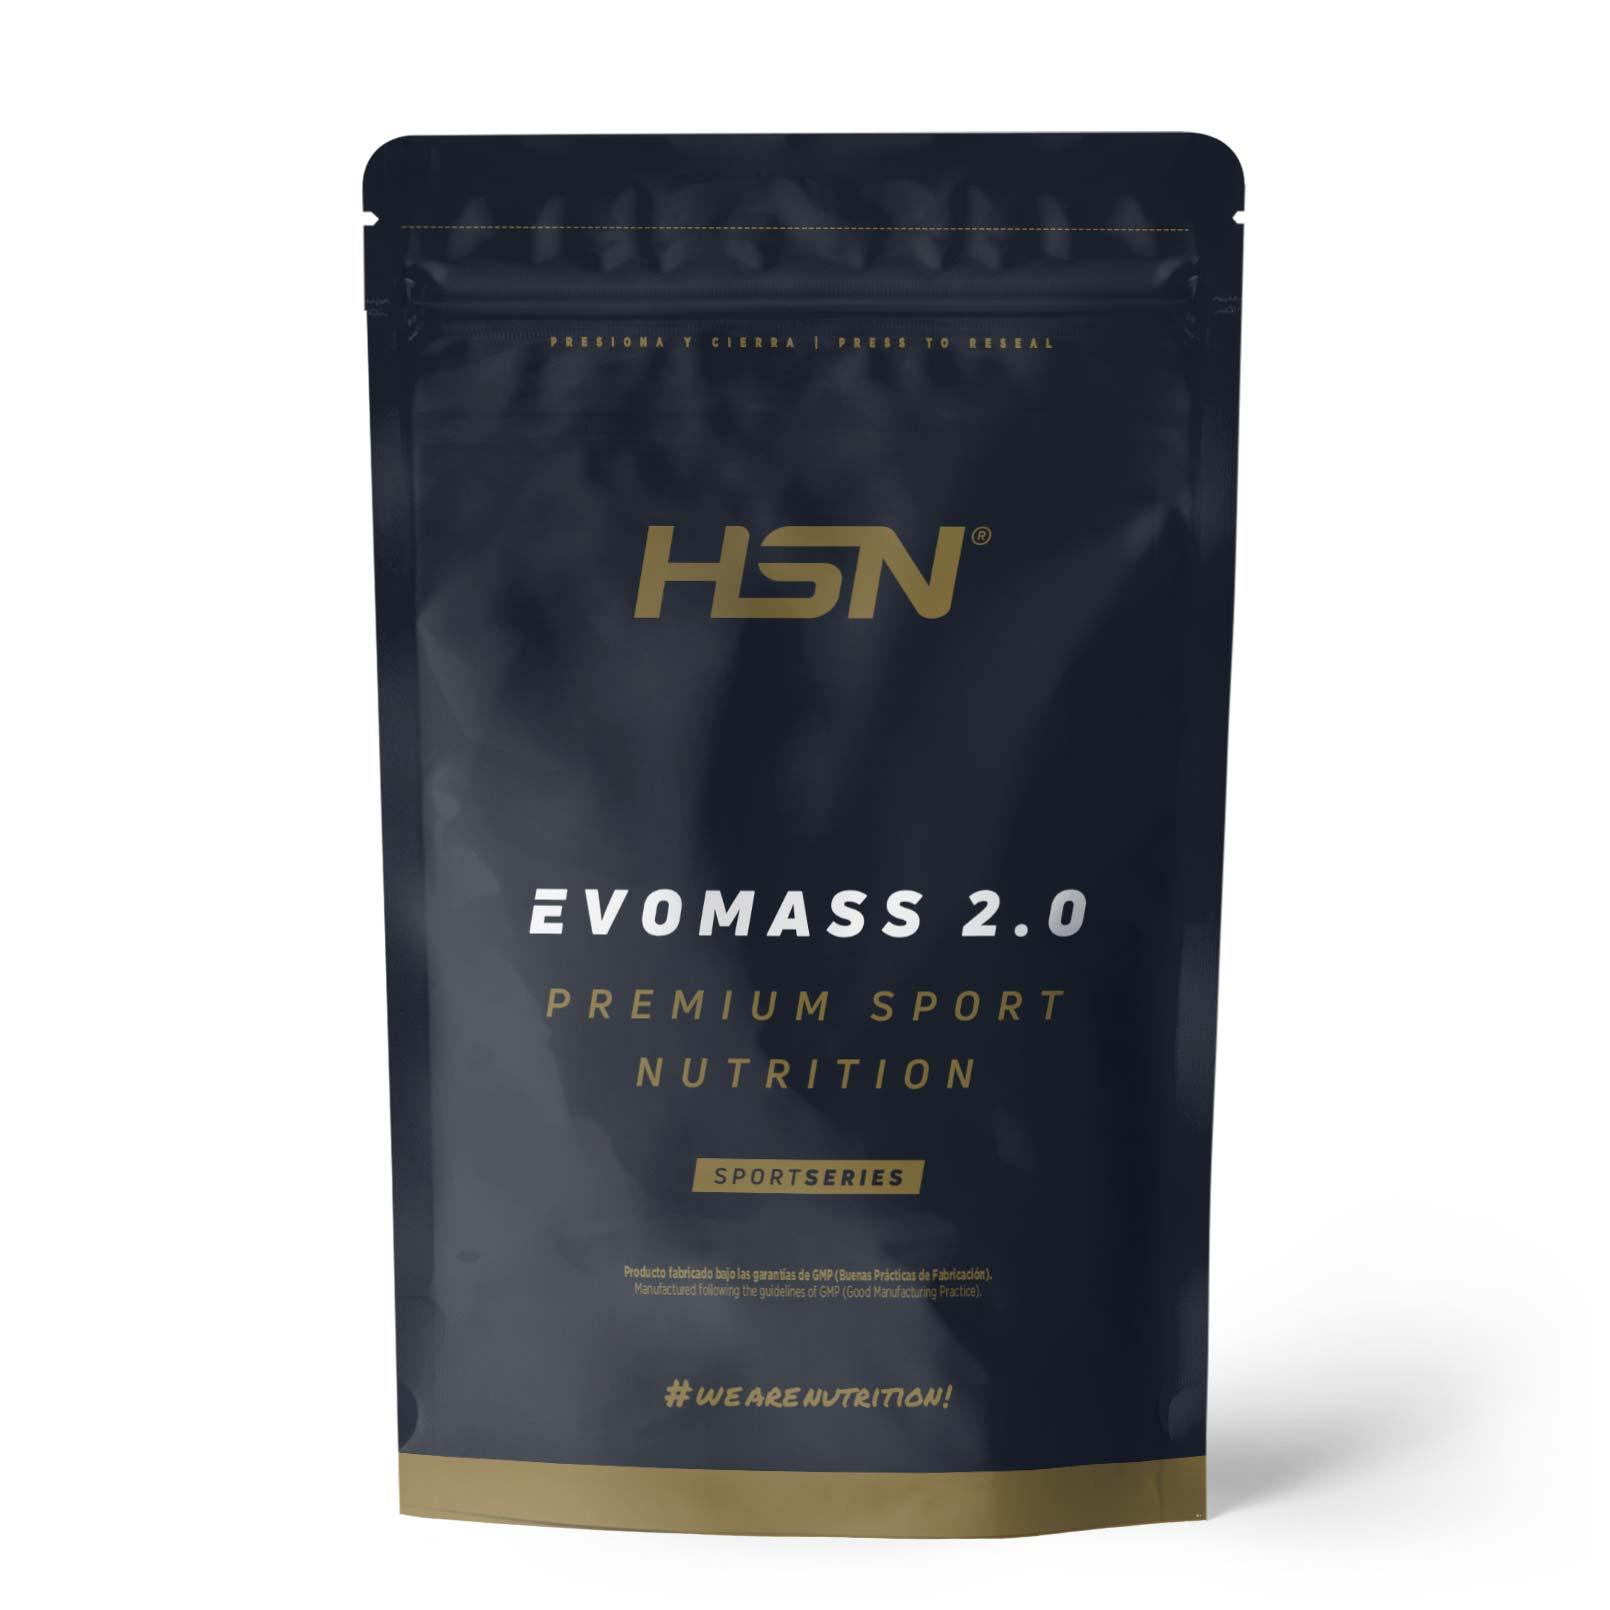 Evomass 2.0 Pack